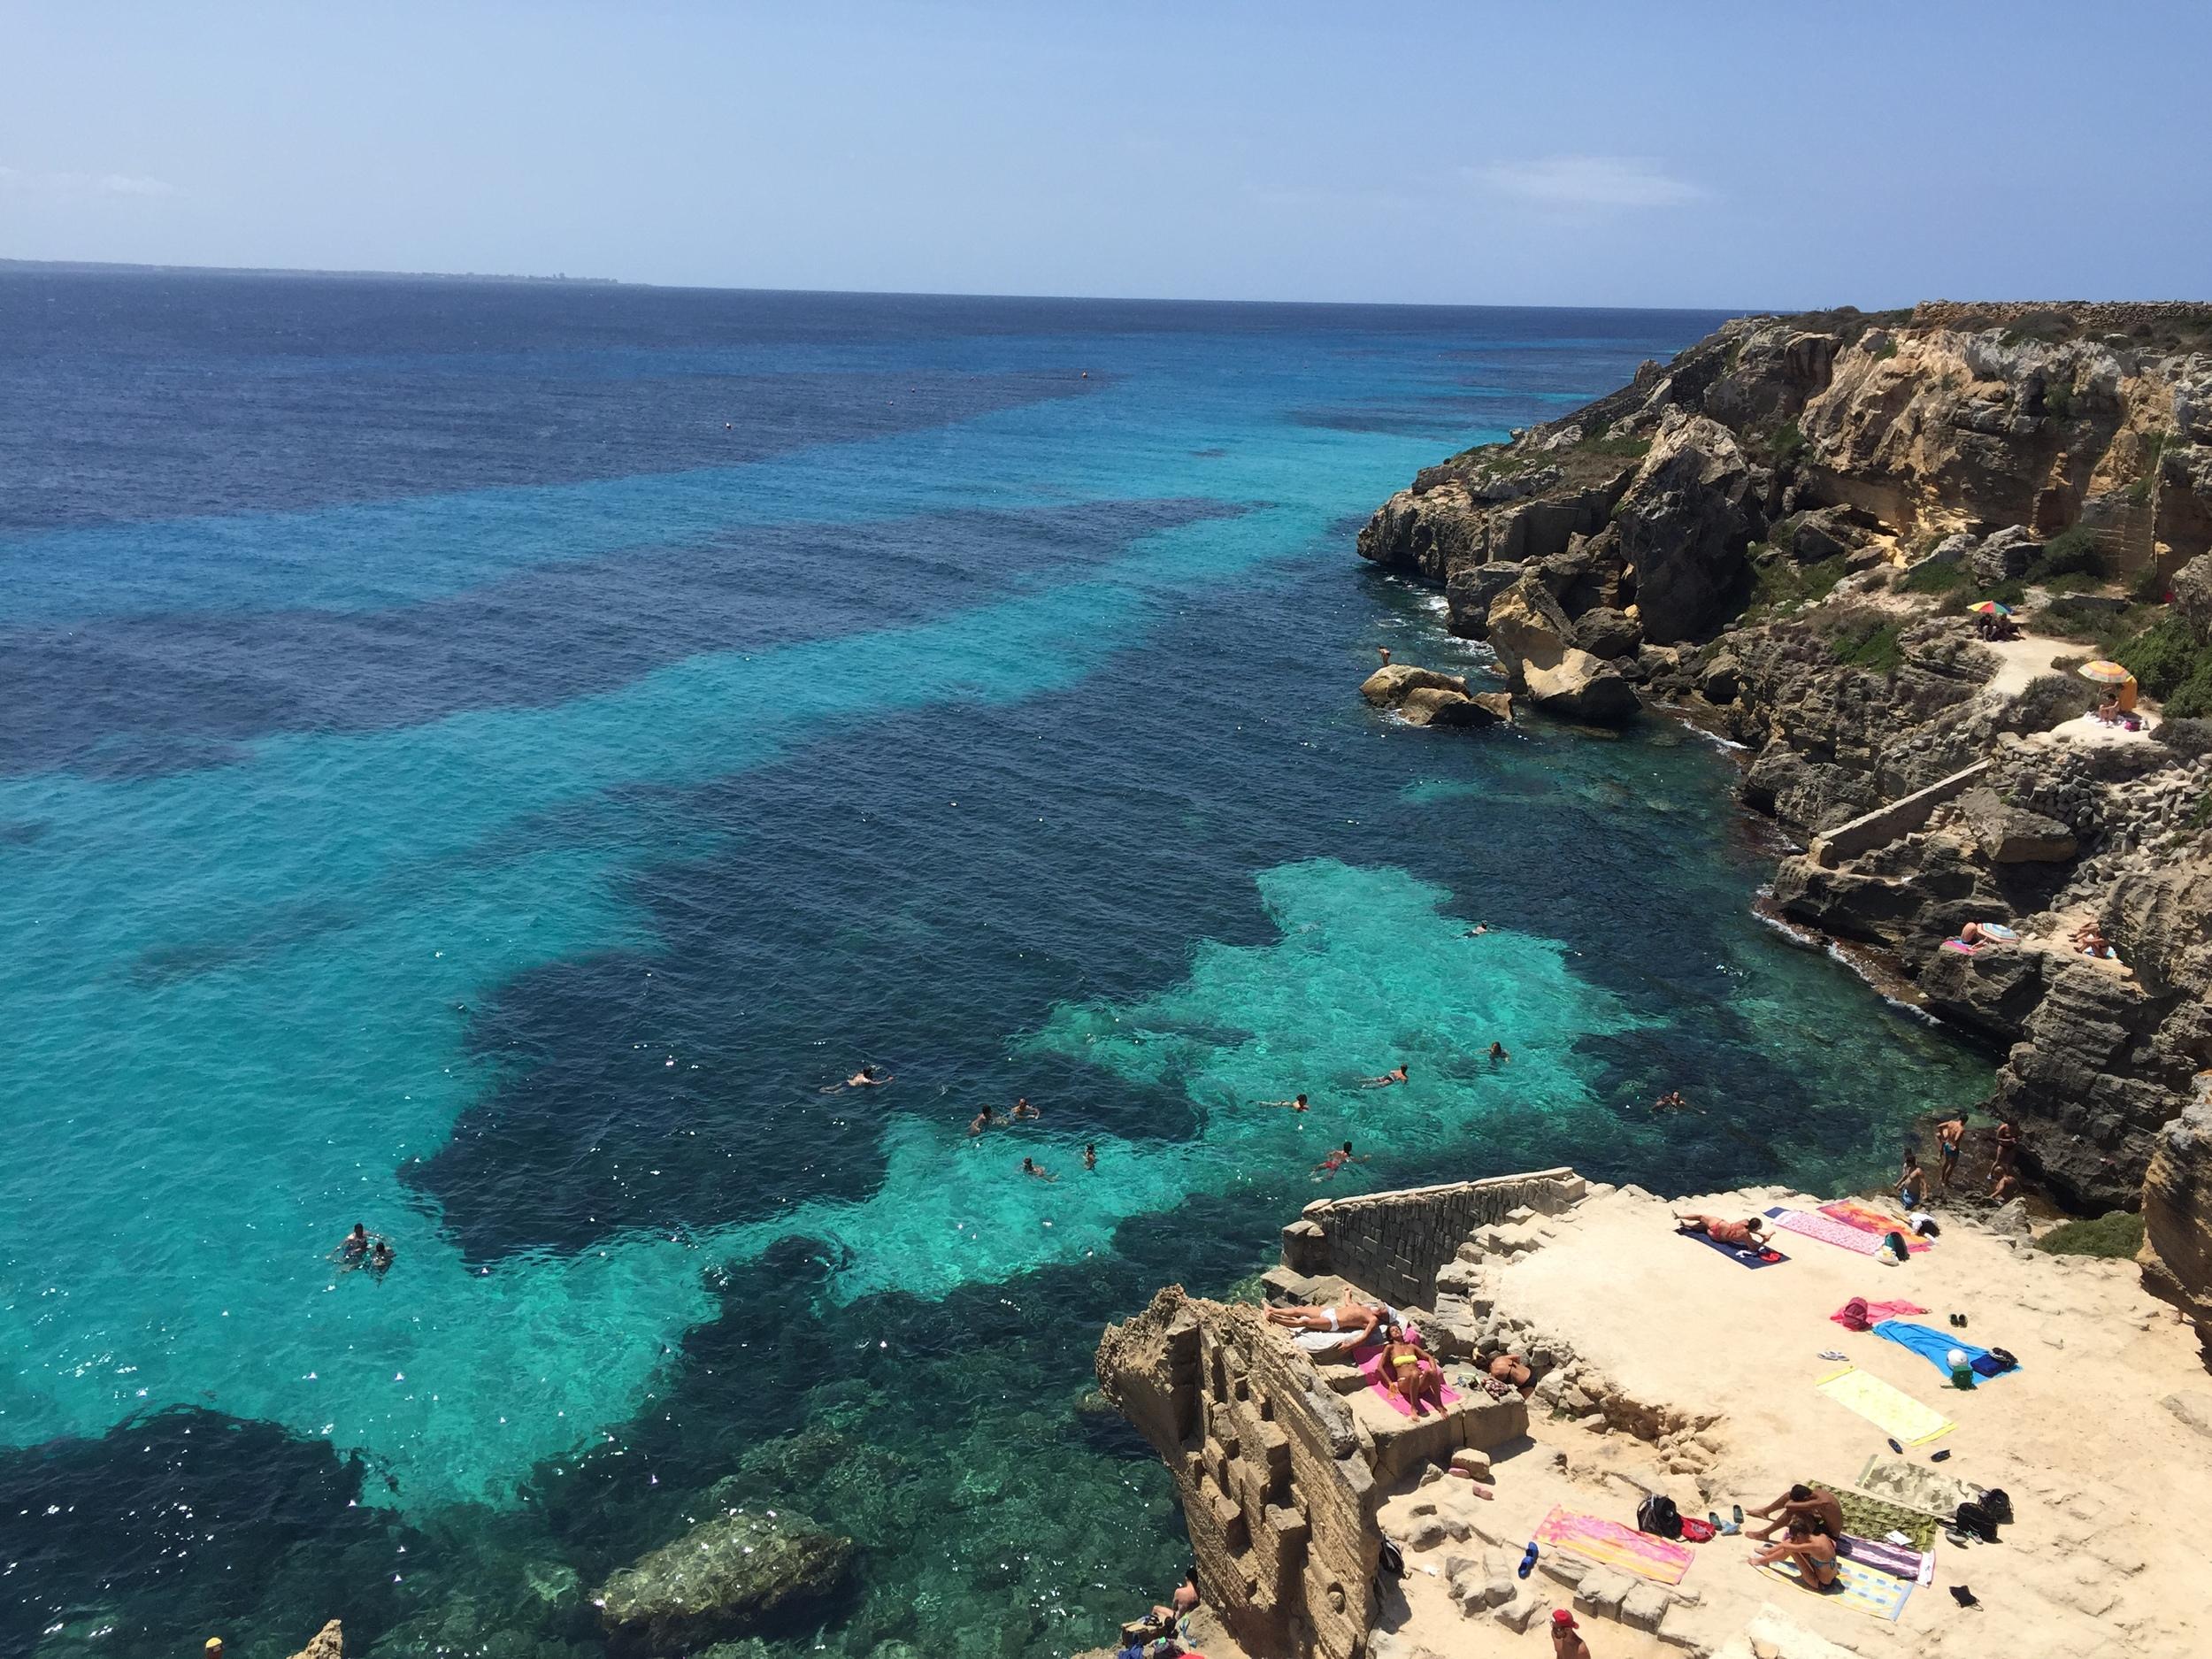 Bue marino beach, Favignana